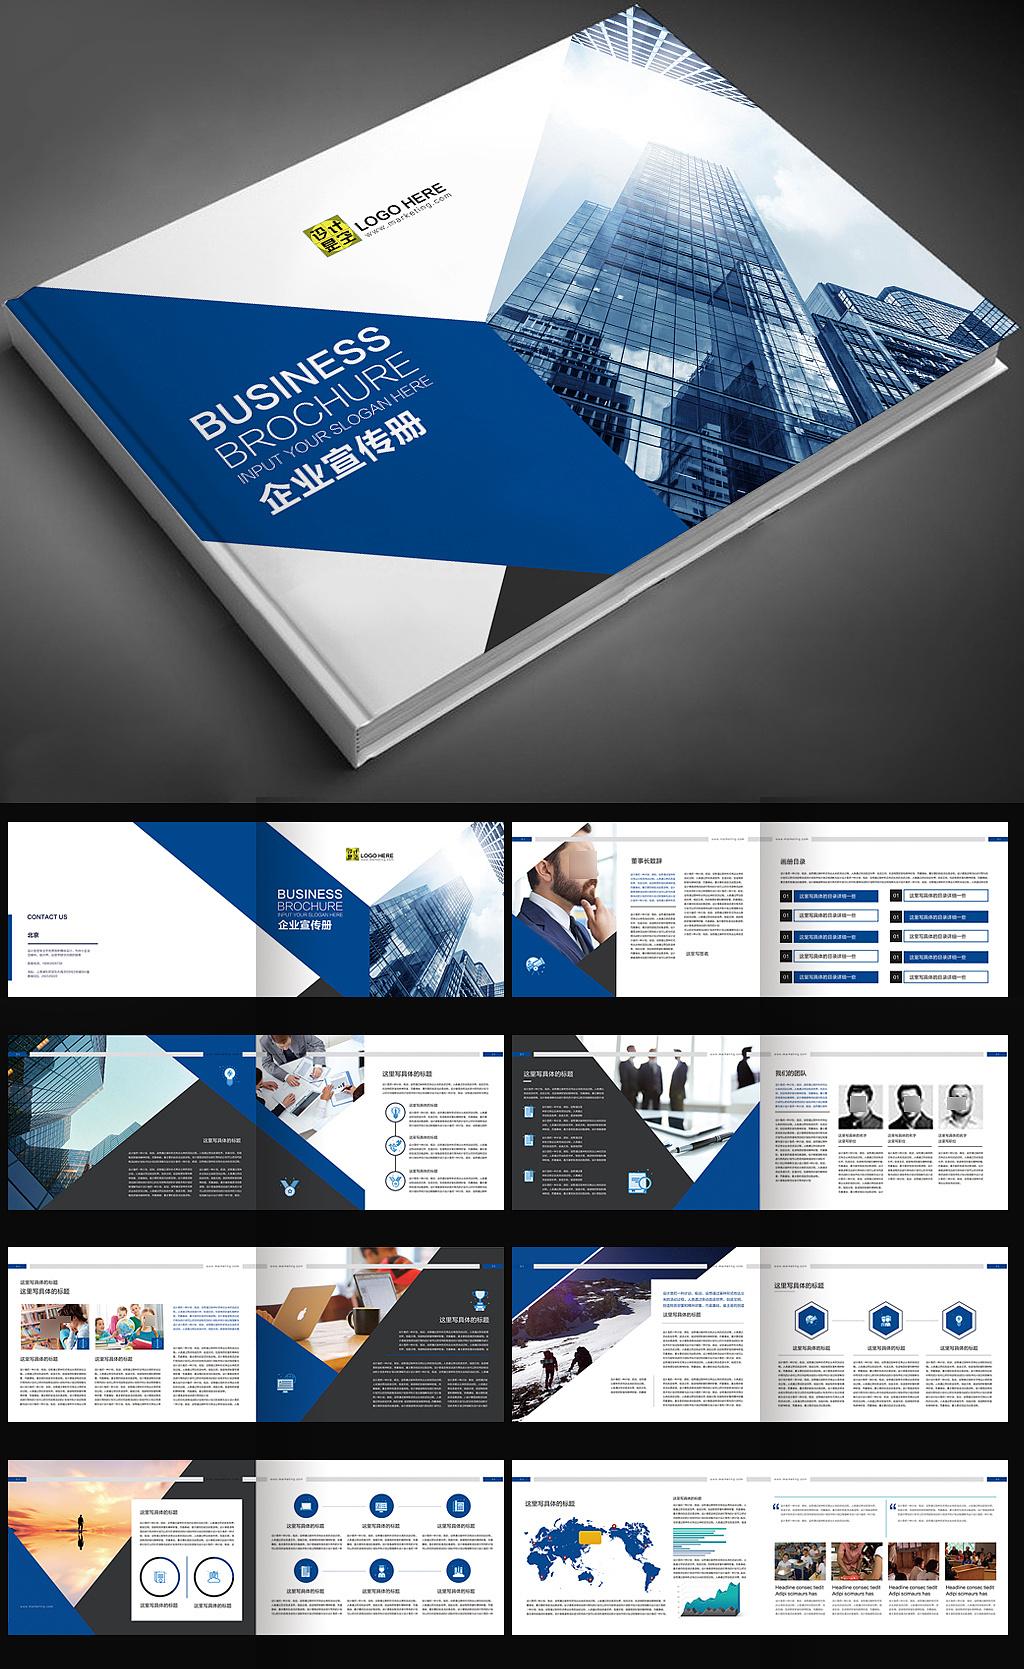 77套企业宣传册产品画册杂志排版作品集psd设计模板素材源文件图片